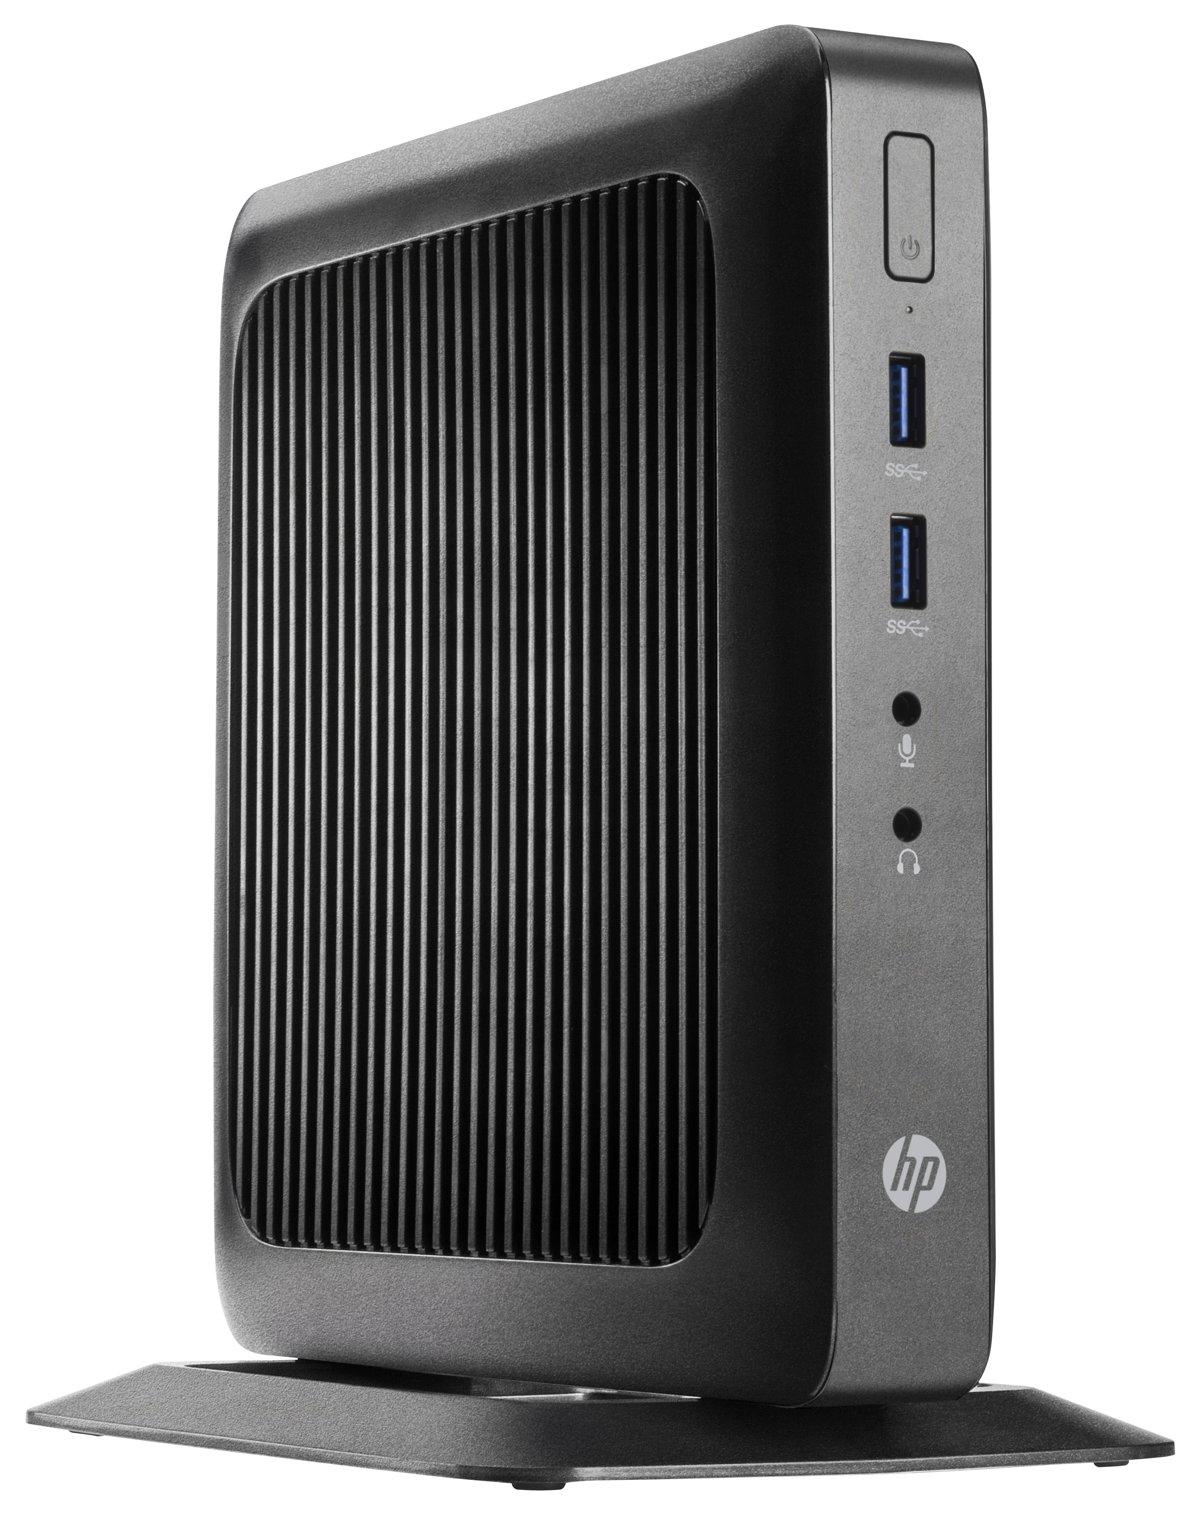 Thin Client t520 GX-212JC 4GB RAM/32GB SSD,WE 10 IoT WiFi, BT